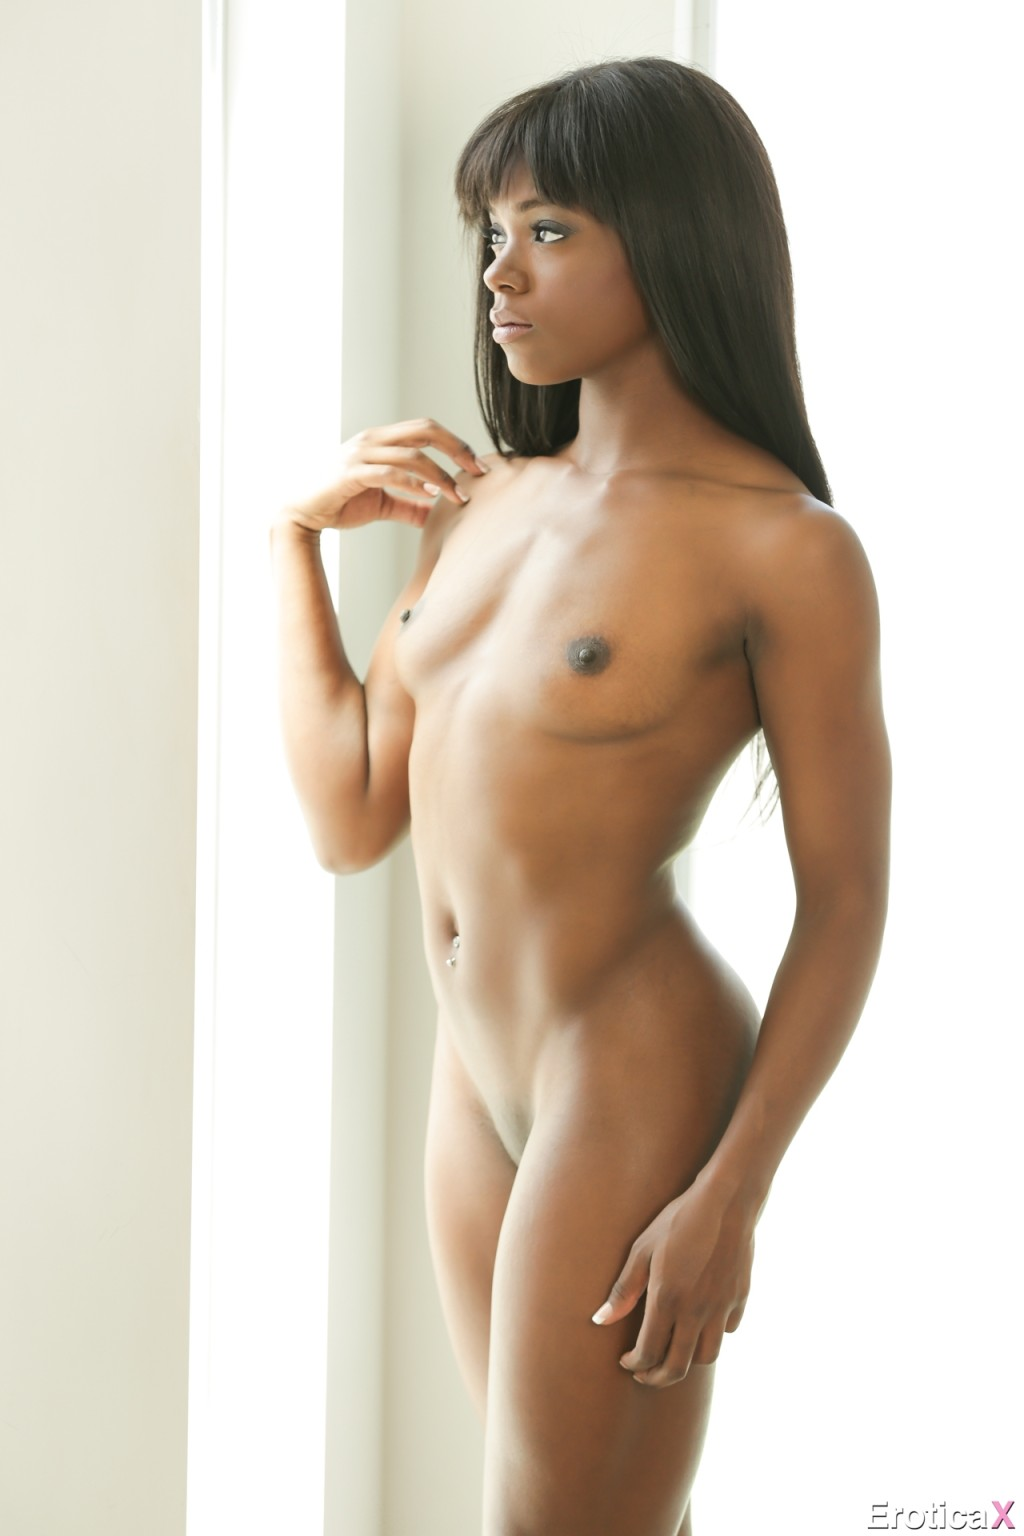 Ана Фокс позирует без одежды и подставляет свою черную пизденку для секса возбужденному мужчине